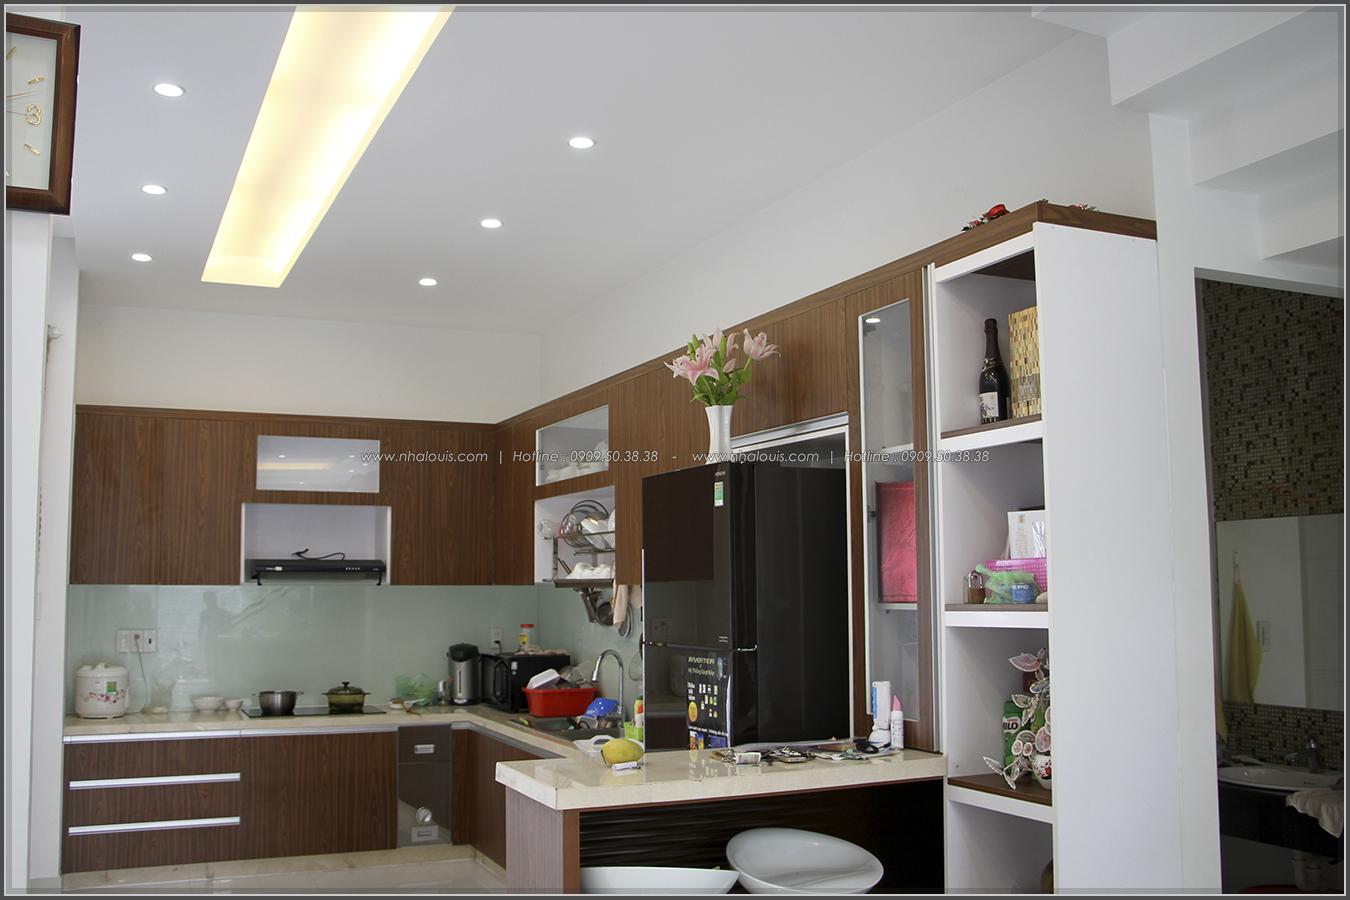 Thi công xây dựng nhà phố 1 trệt 1 lầu quận Bình Tân - 09